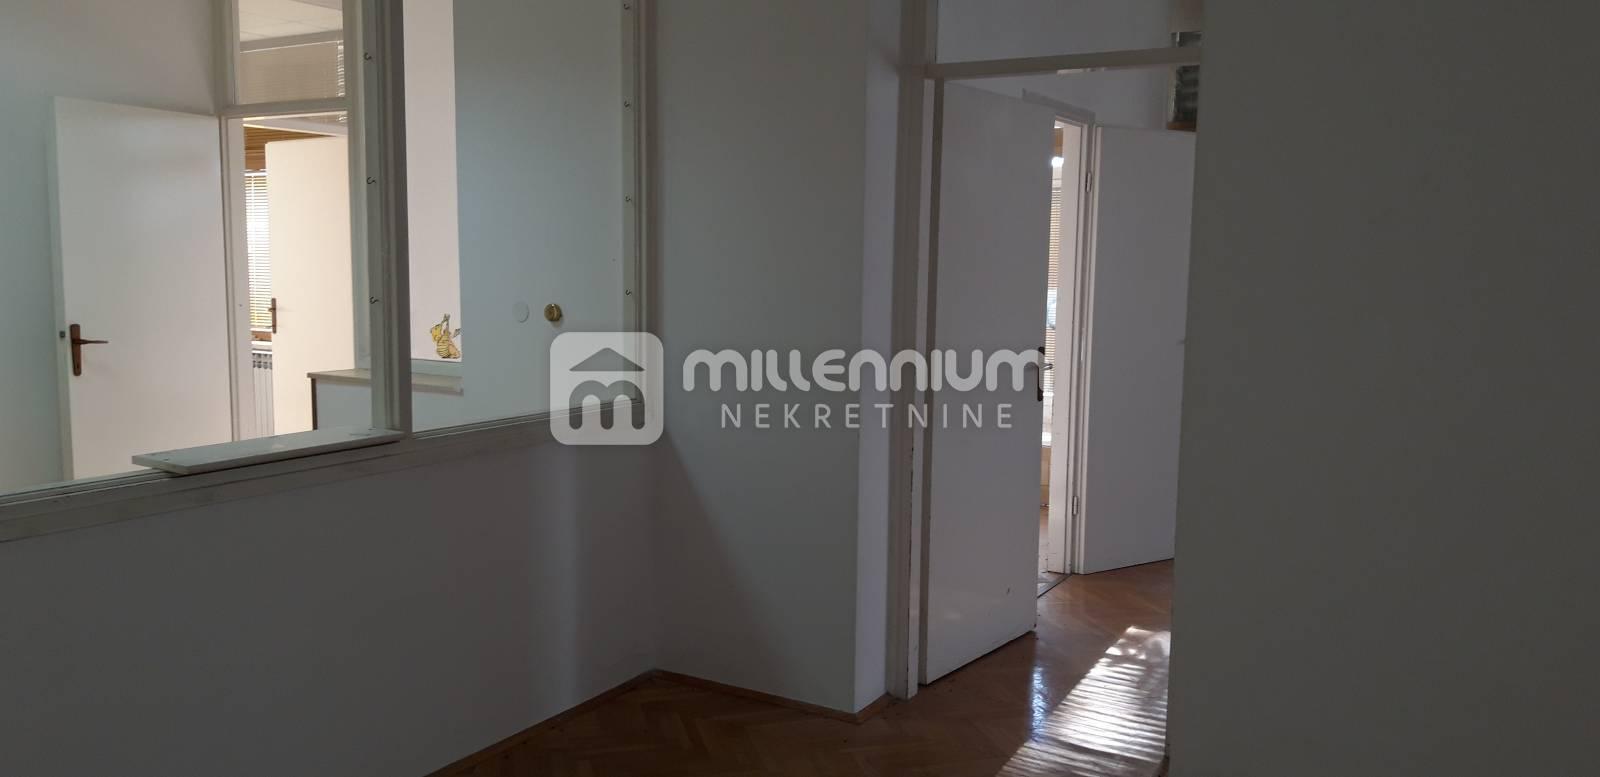 Rijeka, Podmurvice, 120.14m2, poslovni prostor